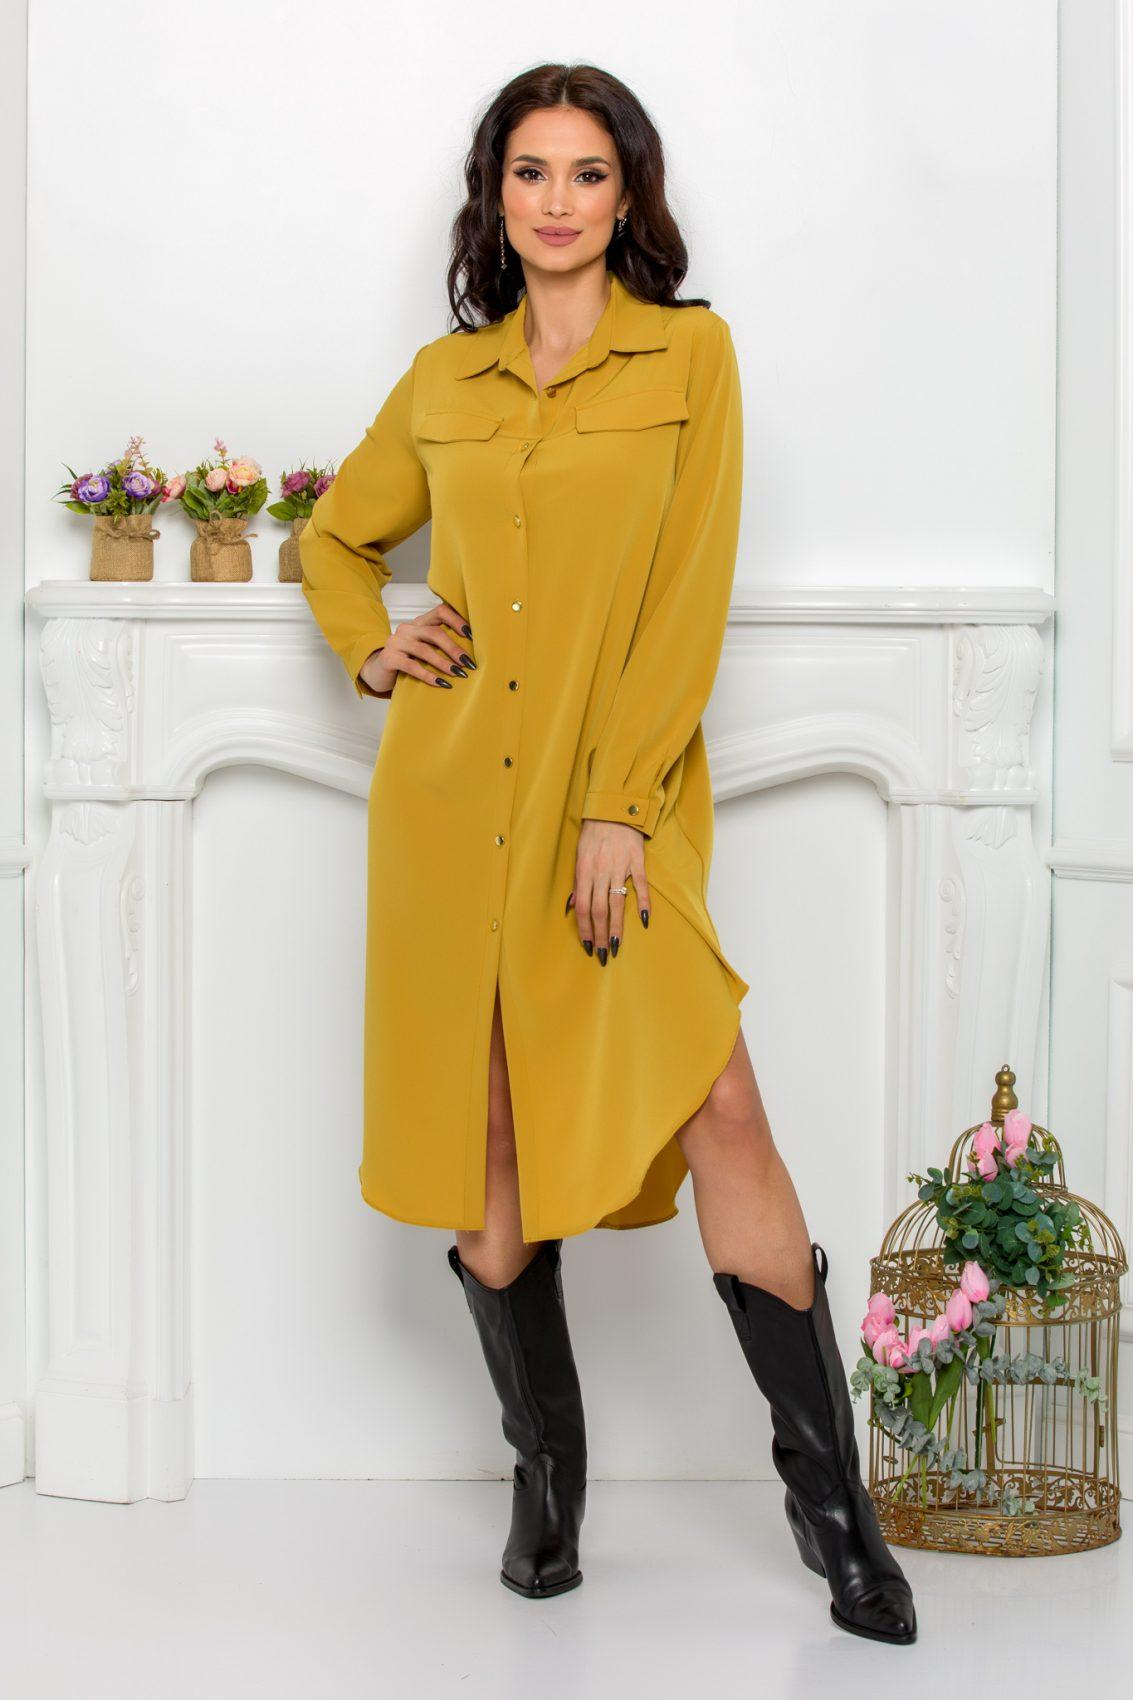 Κίτρινο Φόρεμα Πουκάμισο Μεγάλα Μεγέθη Kandy 9525 1